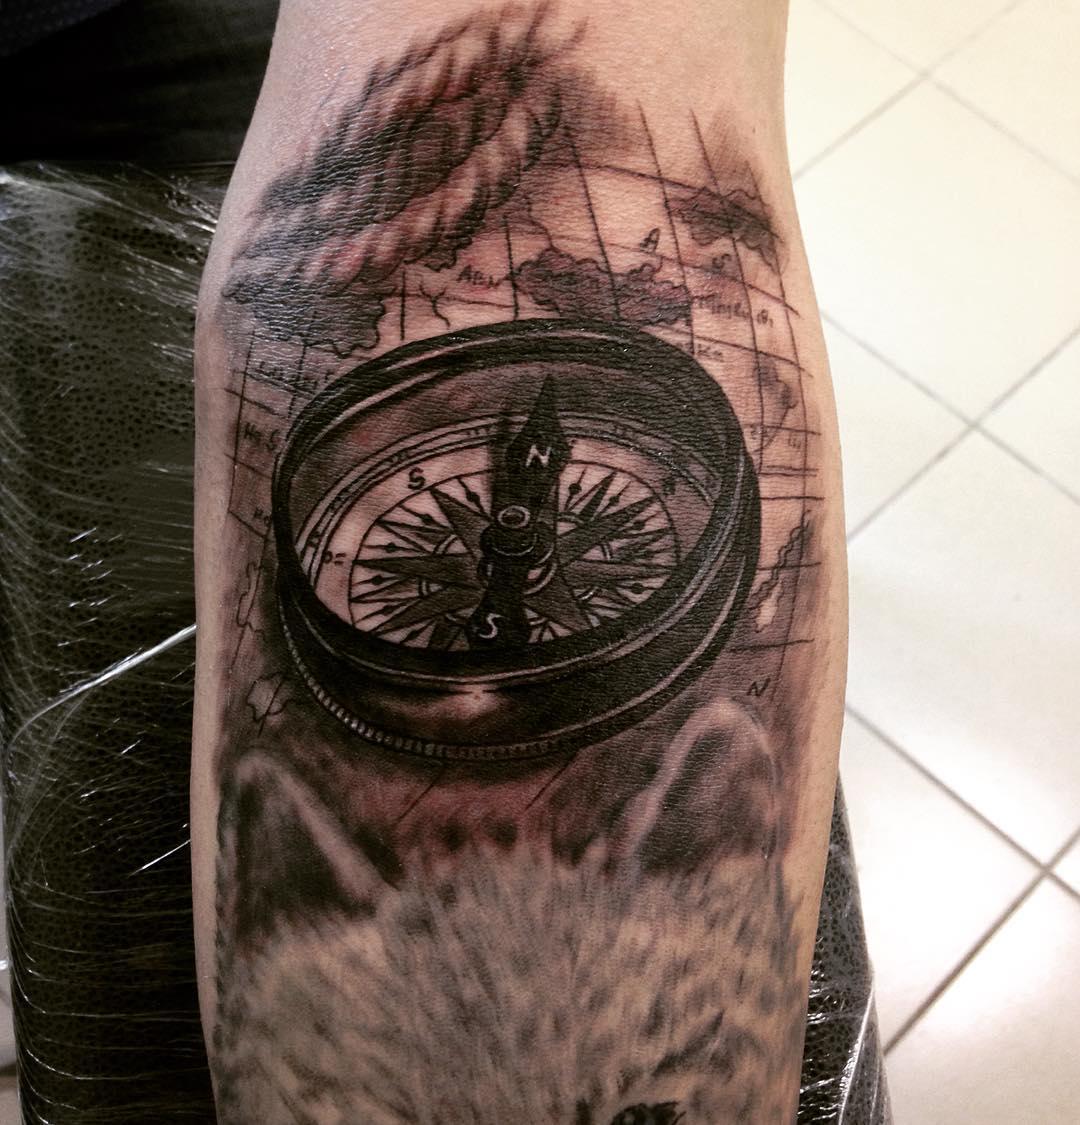 tatuirovka_kompasa_s_kartoj_na_predpleche_muzhchiny.jpg